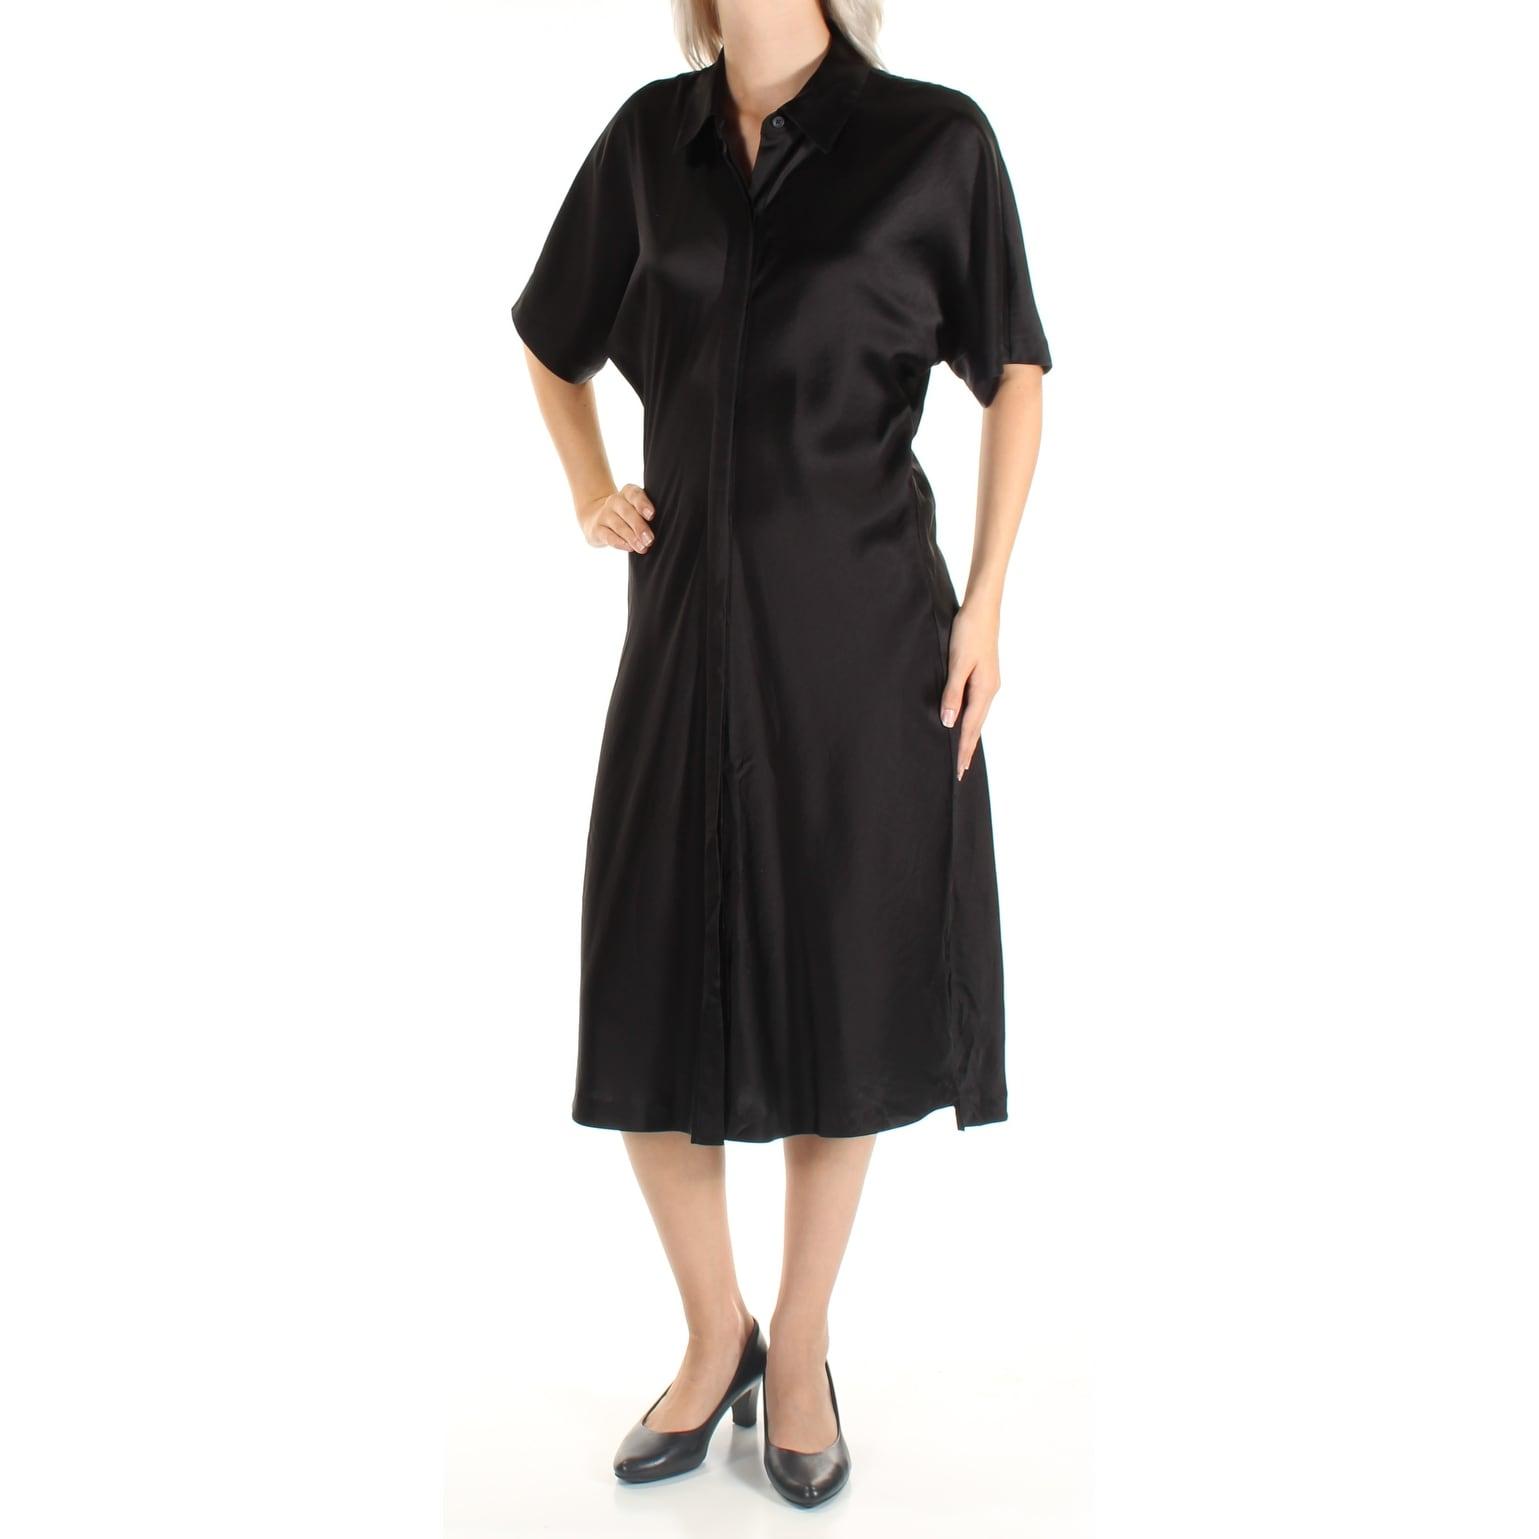 Shop Womens Black Short Sleeve Below The Knee Shirt Dress Size S